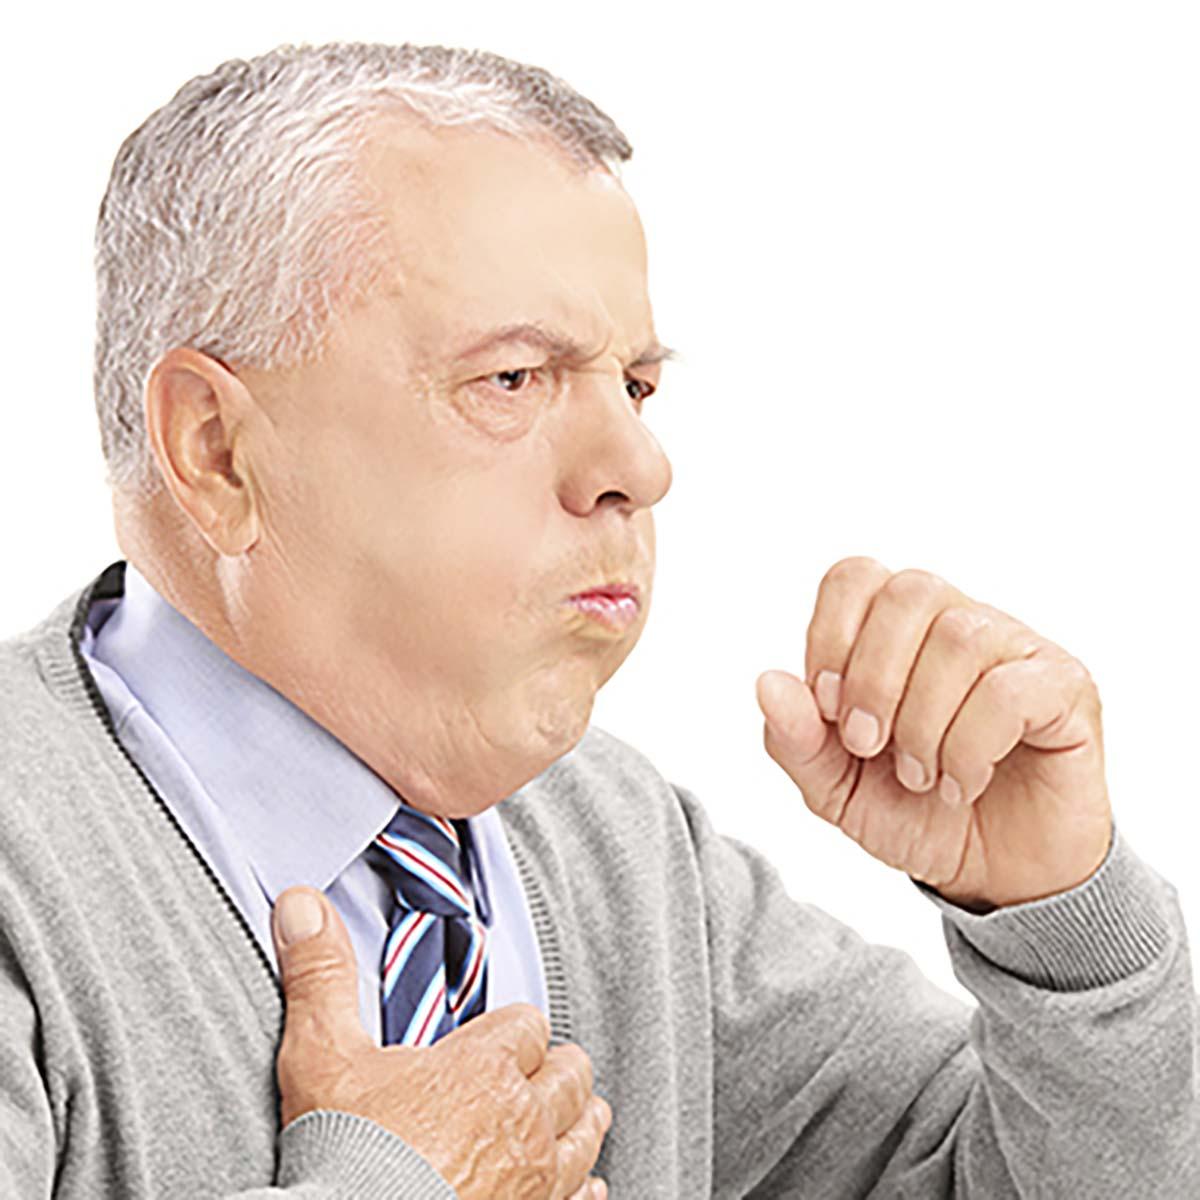 مشکلات تنفسی در بیماران پارکینسونی